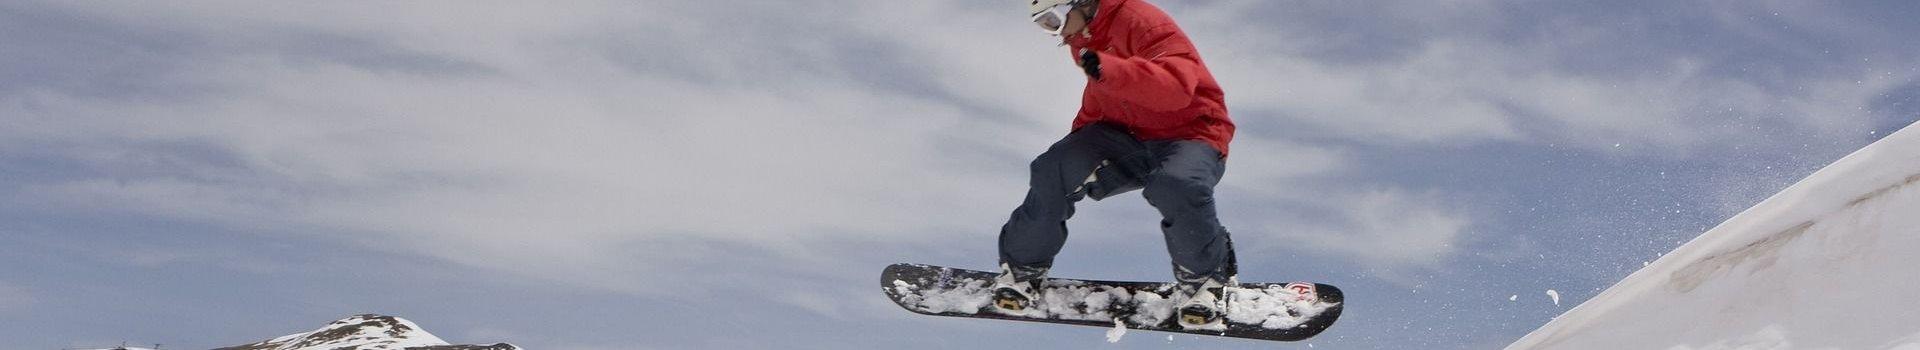 Nie ryzykuj kontuzji – wyposaż się w nakolanniki snowboardowe